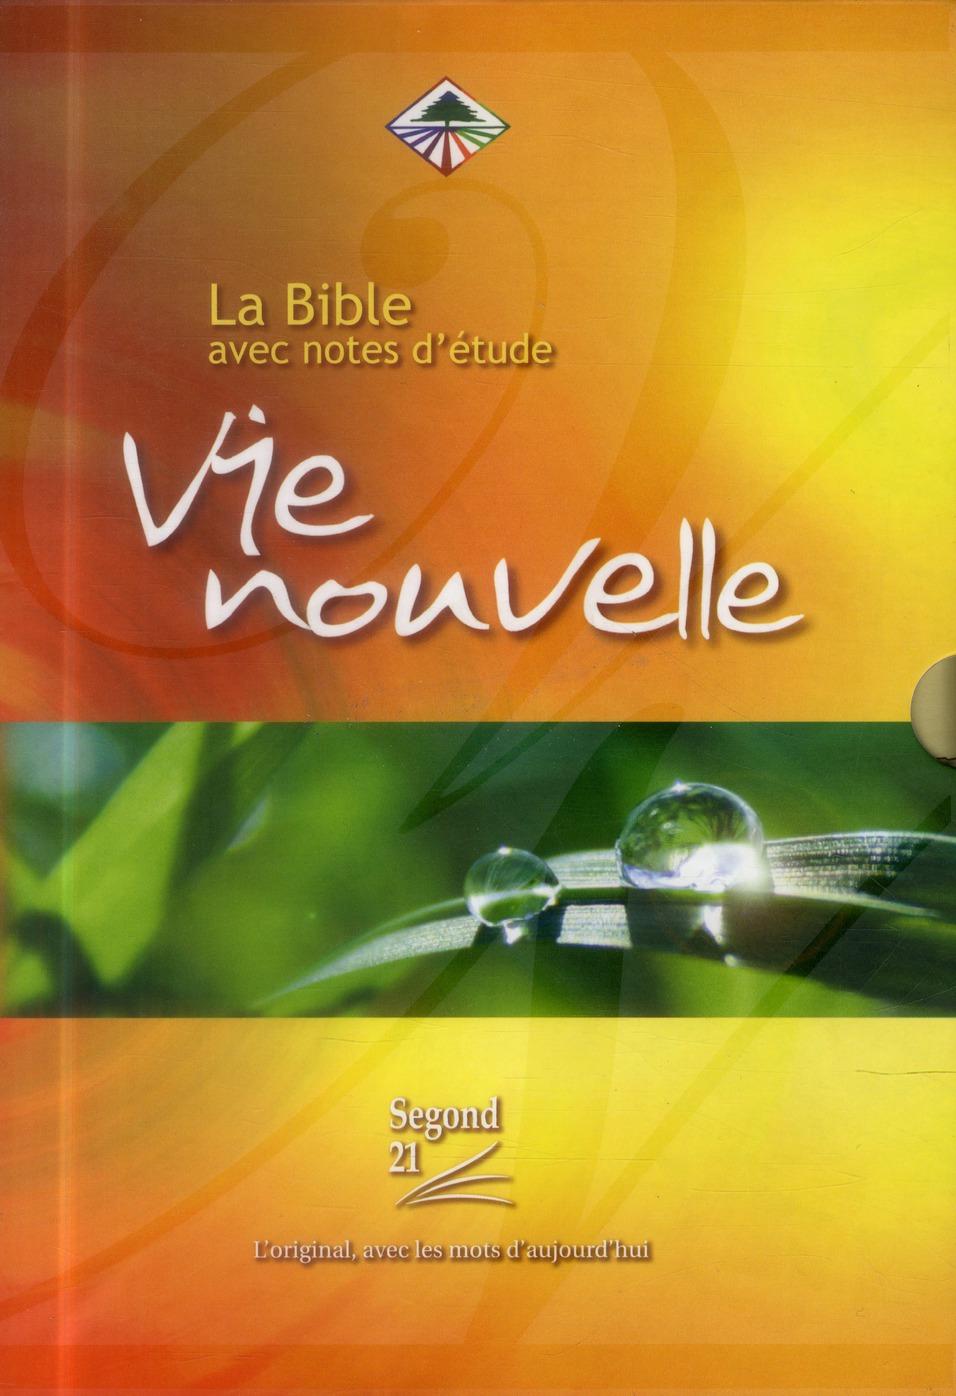 La Bible avec notes d'étude ; Vie nouvelle